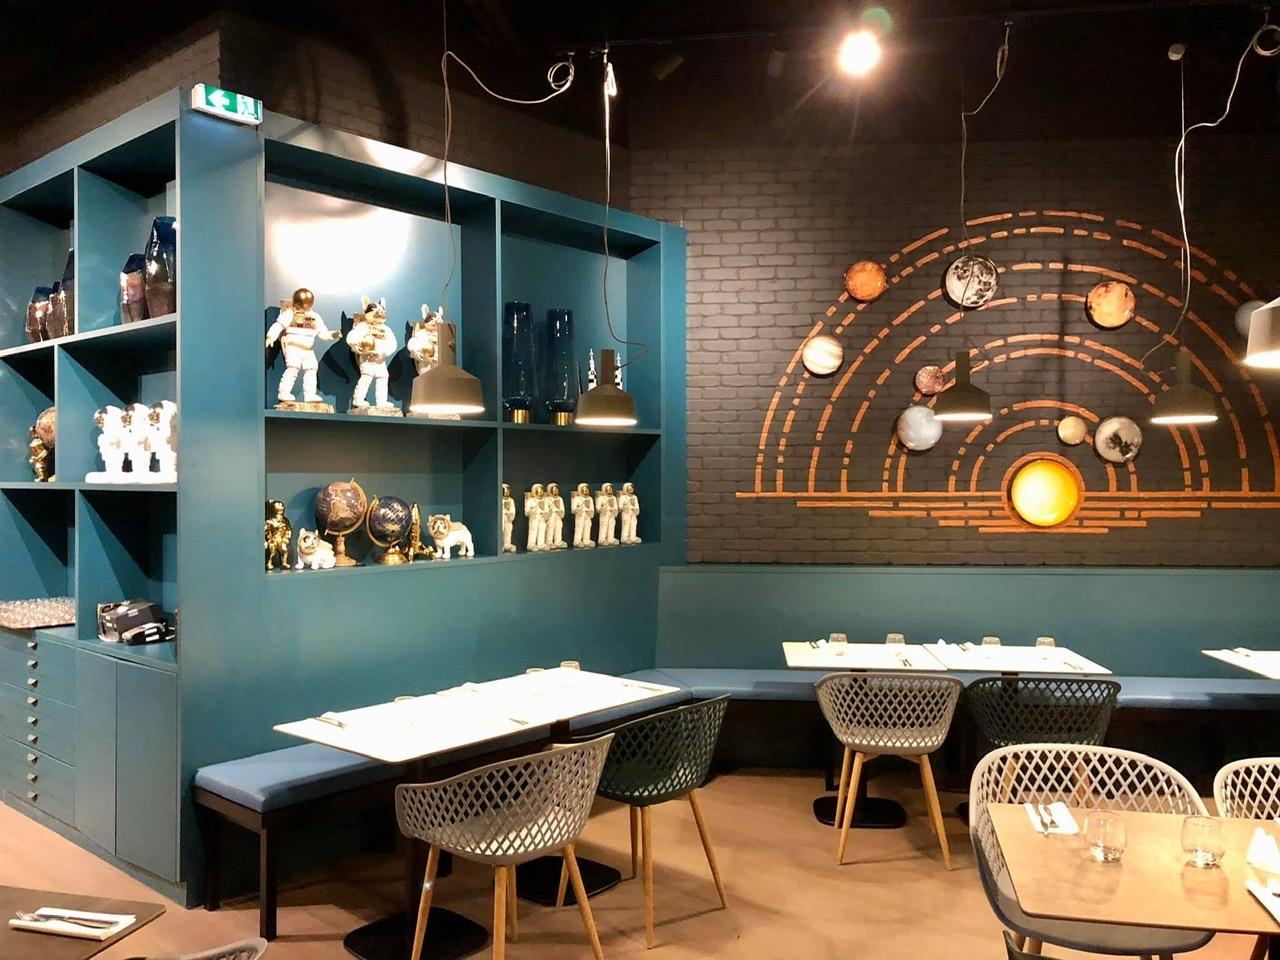 [Restaurant] L'Atelier des Saveurs · 2020 79-DDD651-1493-43-D9-9-F3-D-92-B3-FF010675